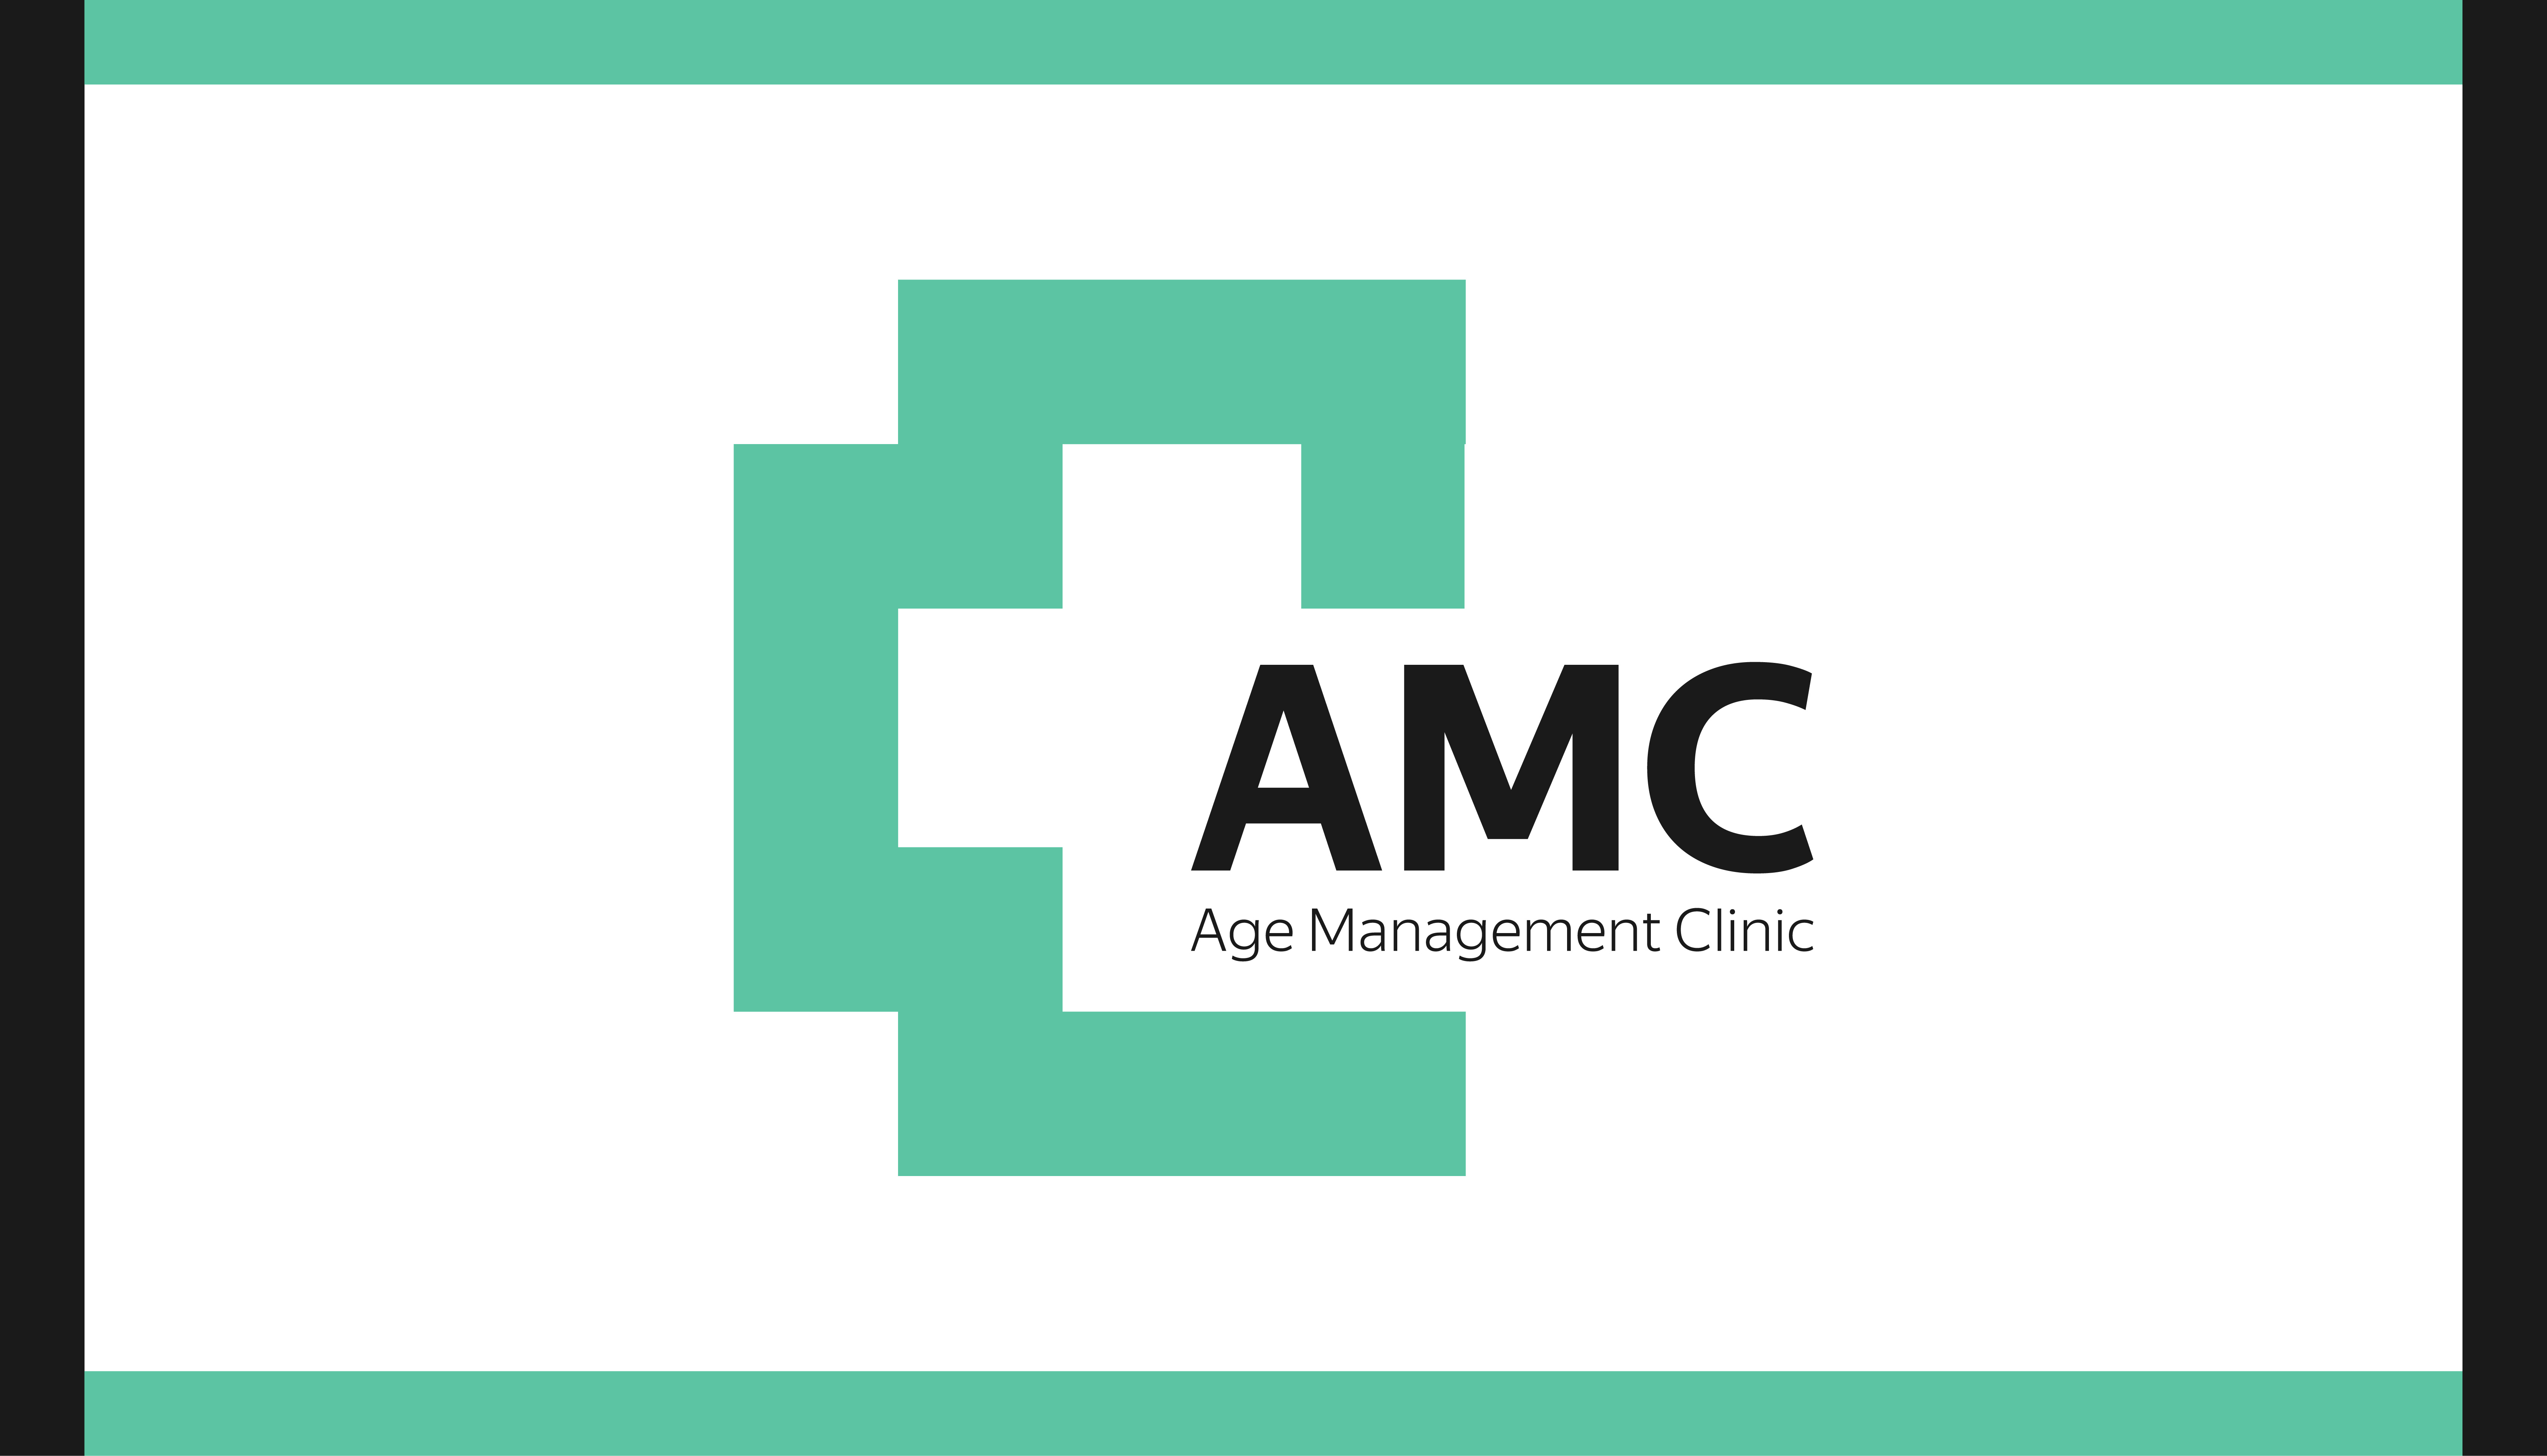 Логотип для медицинского центра (клиники)  фото f_7825b97ffabd4713.jpg